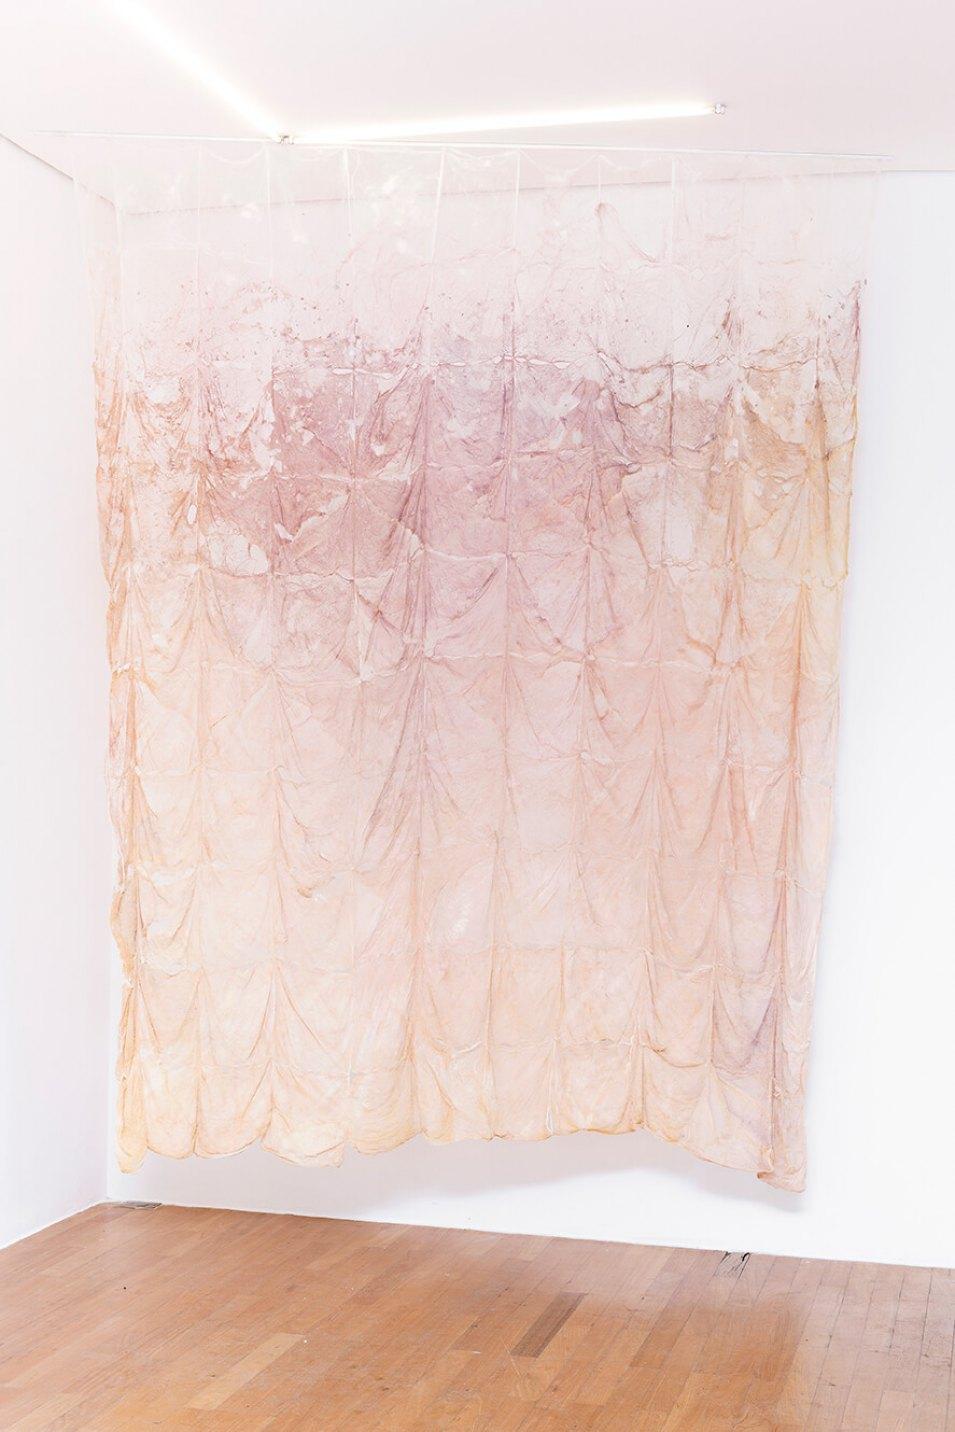 Adriano Amaral, <em>sem título,</em>2015,remoção de piso, óleo de girassol e pó de alumínio,270 × 220 cm - Mendes Wood DM